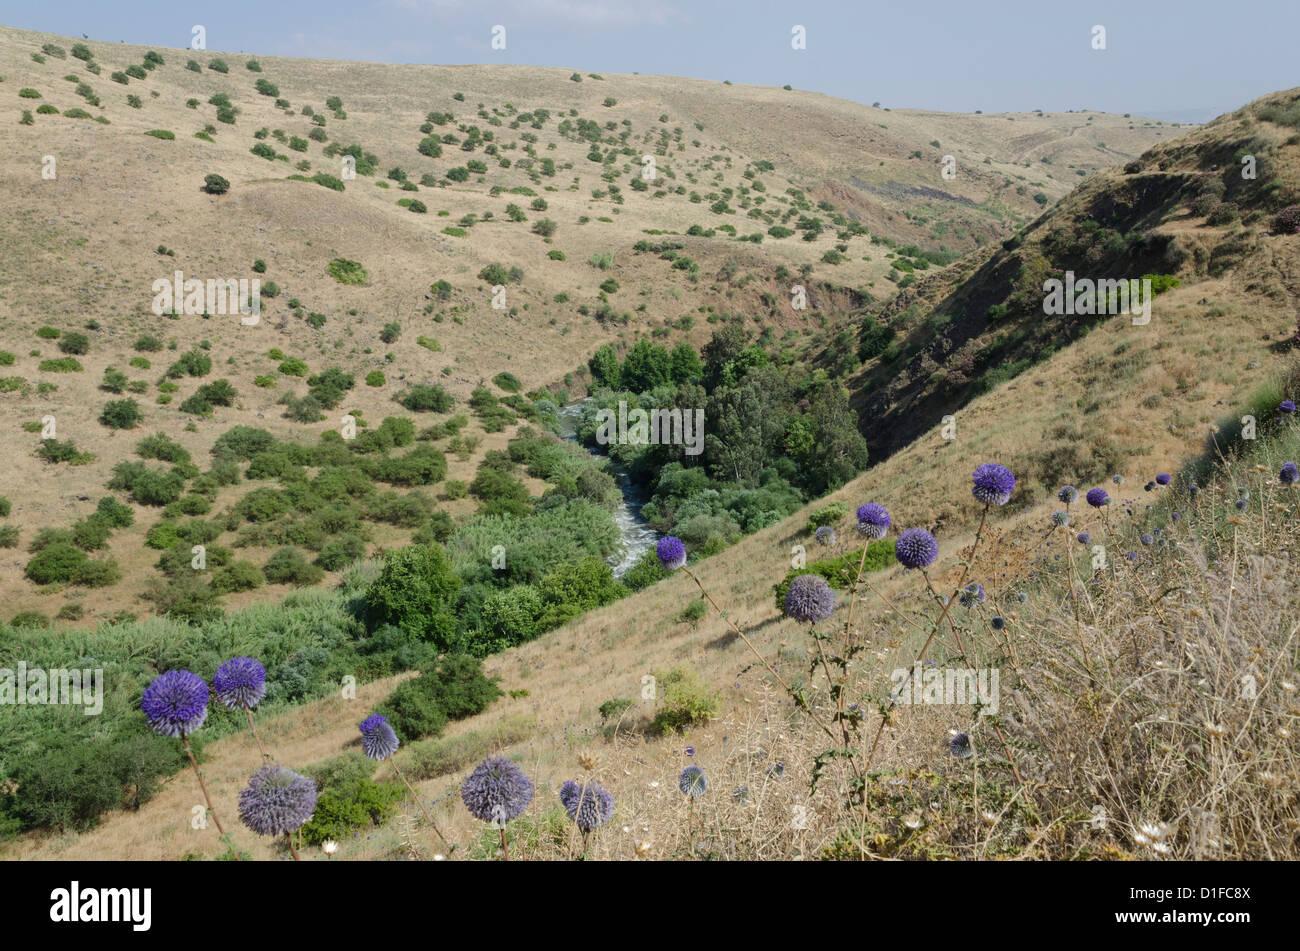 Vue sur la rivière de la région montagneuse de la Jordanie Jordan River Trail. Haute Galilée, Israël, Photo Stock